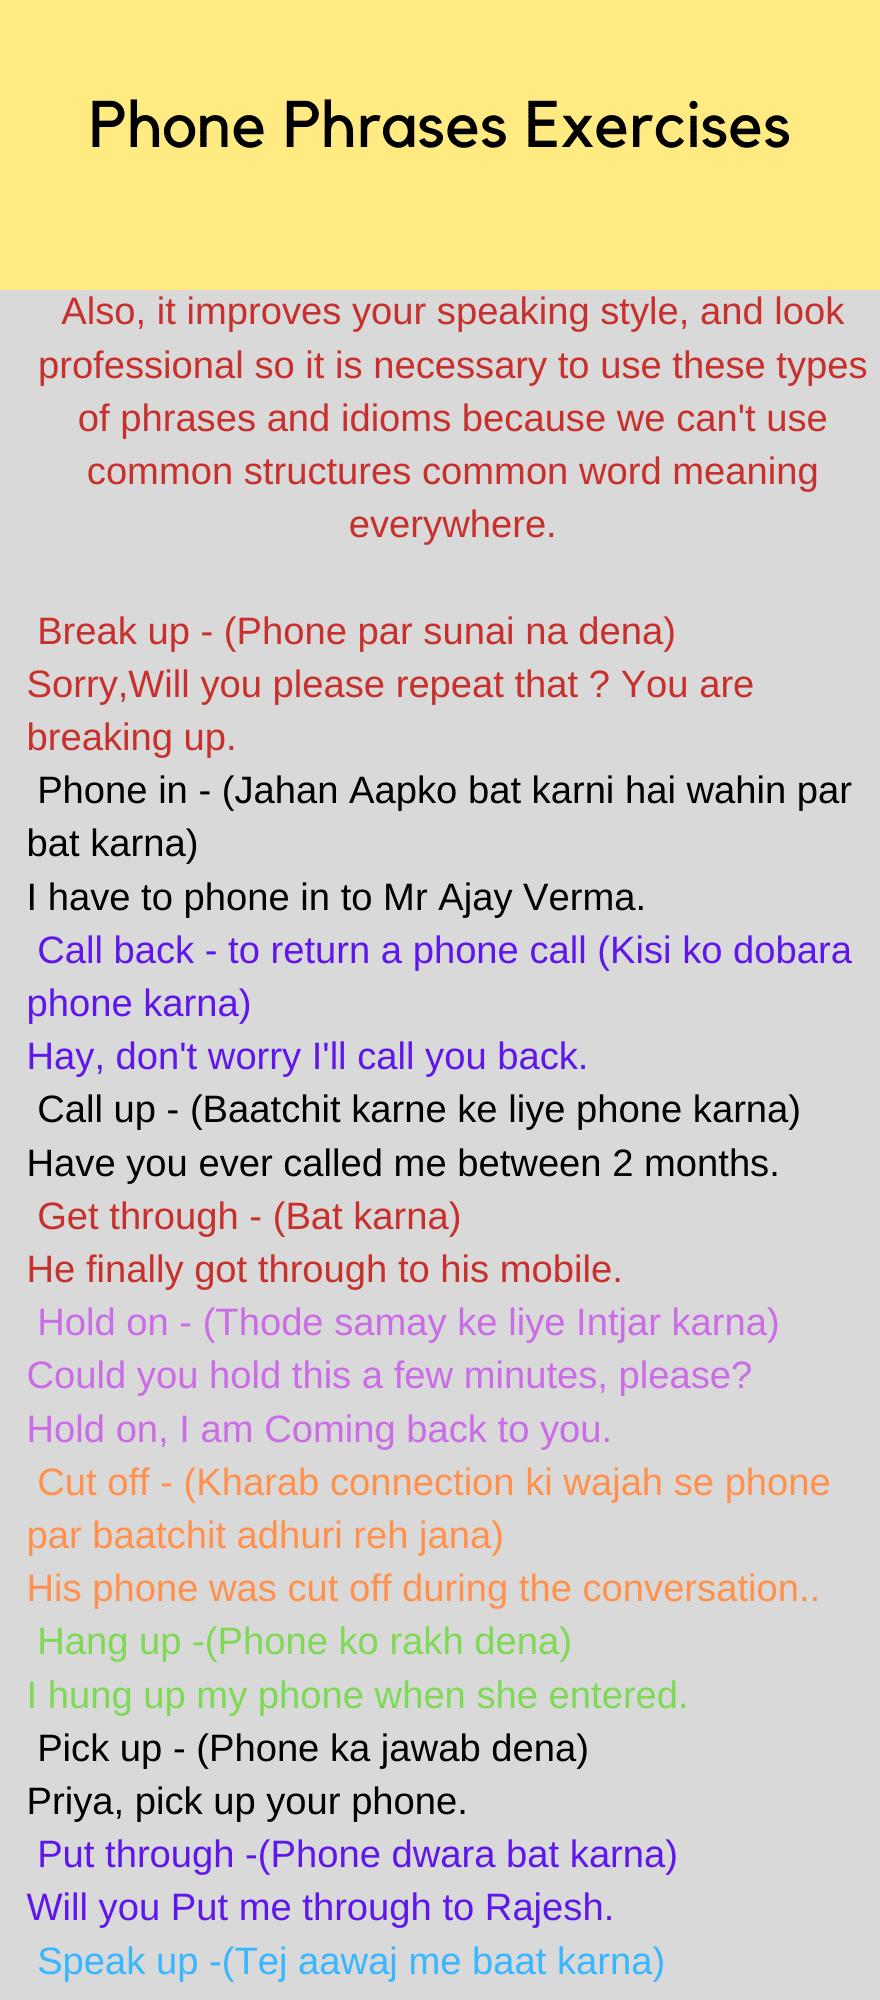 phone phrases